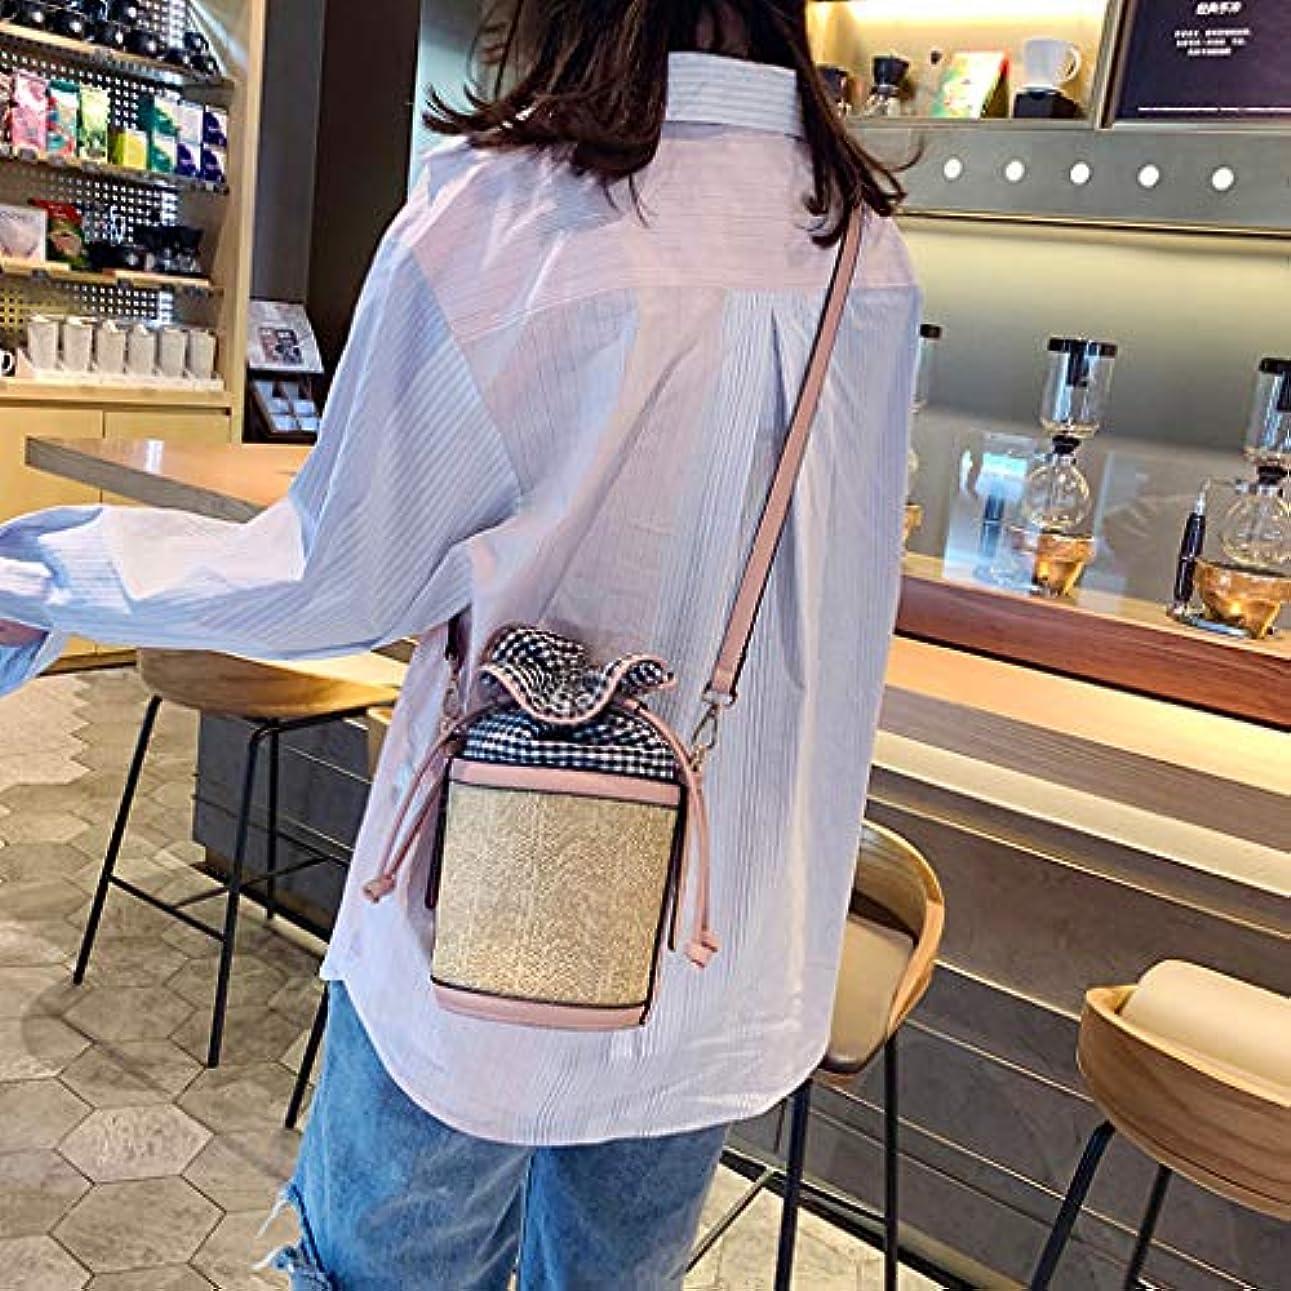 プレフィックス風刺耳ファッション女性レトロ織り格子革バケットバッグクロスボディバッグショルダーバッグ、女性のヴィンテージ織格子縞ステッチバケットバッグ斜めバッグ (ピンク)